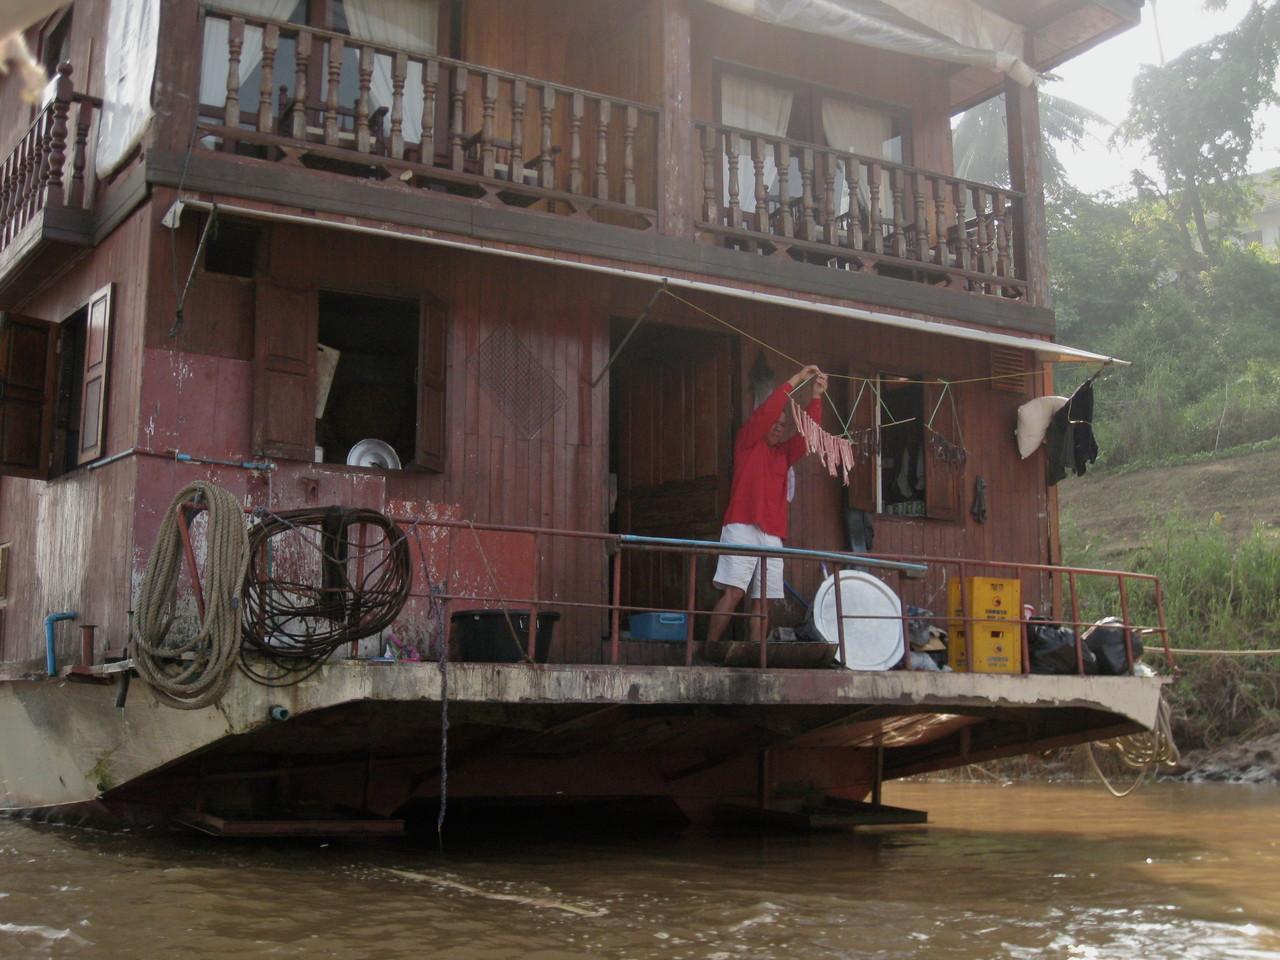 メコン川には大きな舟も運行している。